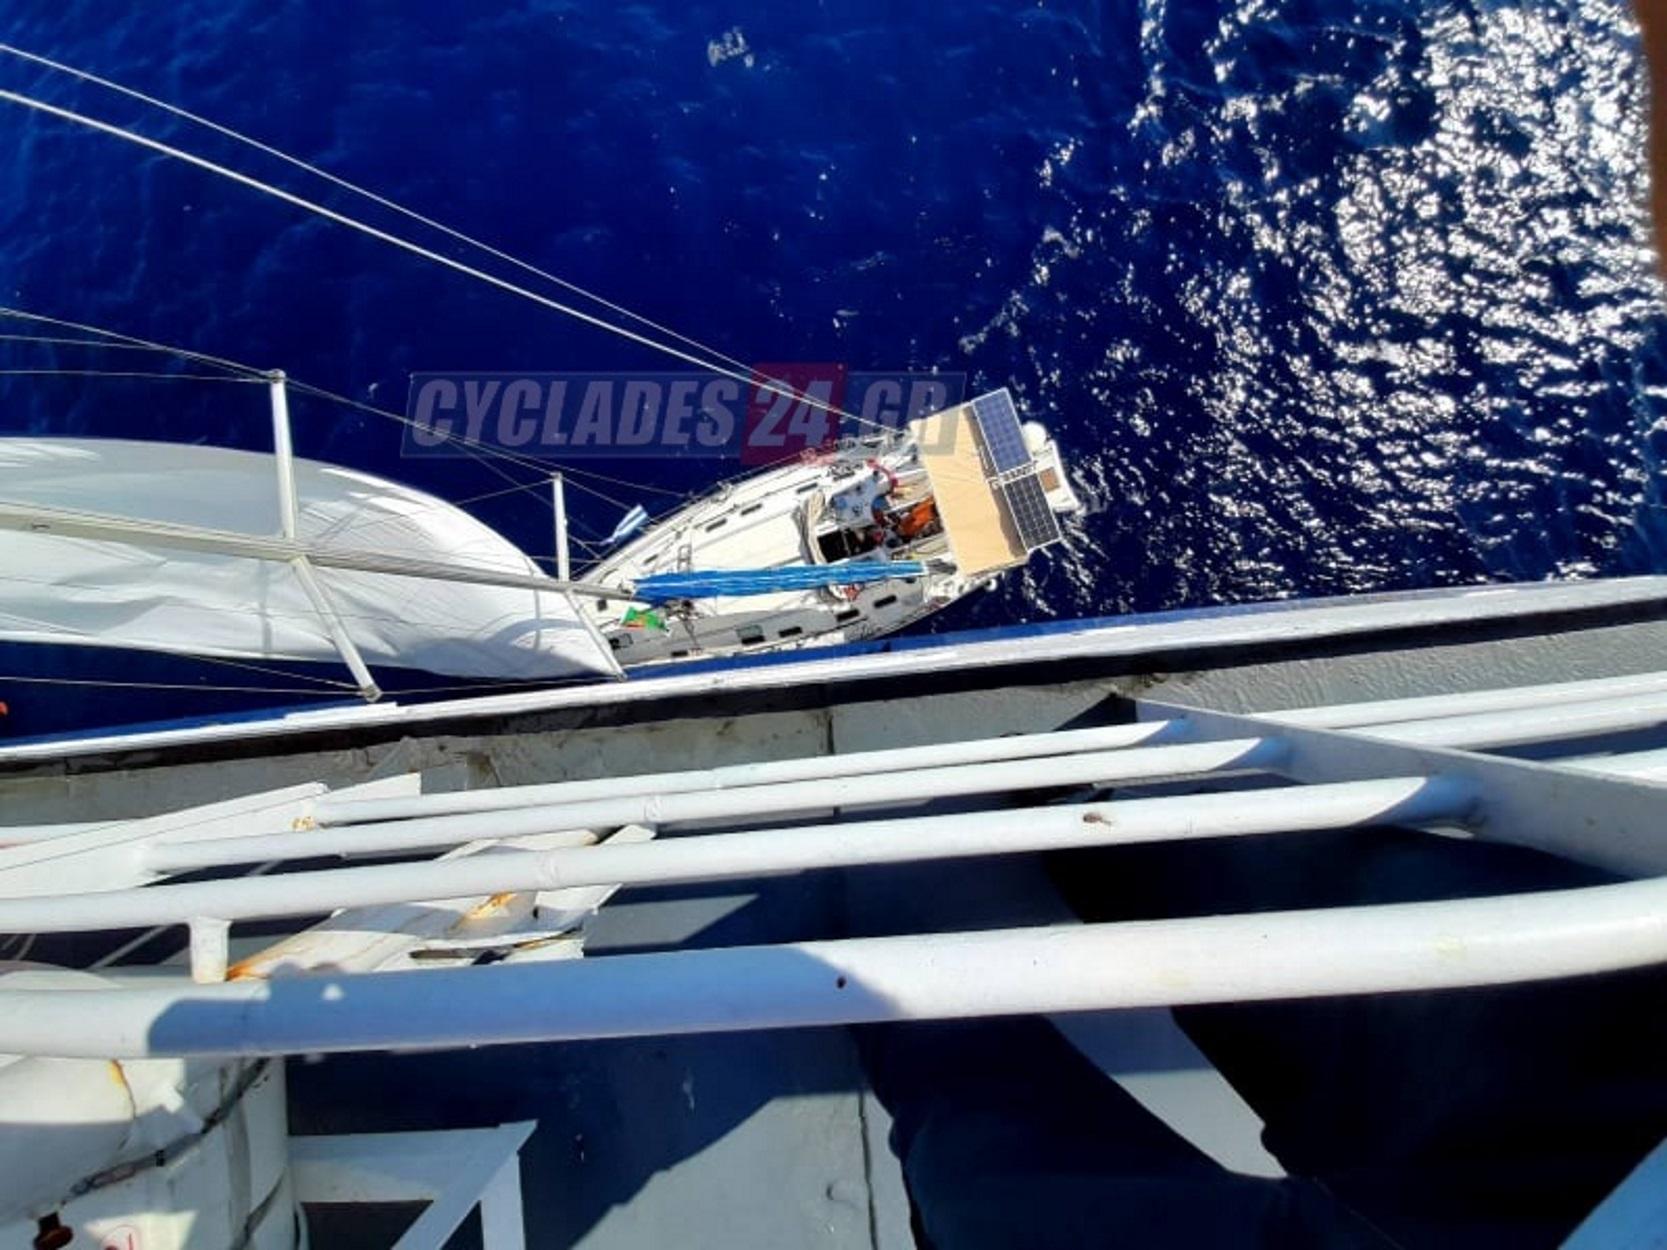 Θρίλερ στον Ευβοϊκό: Επιχείρηση διάσωσης επιβαινόντων ακυβέρνητου ιστιοφόρου (pics)